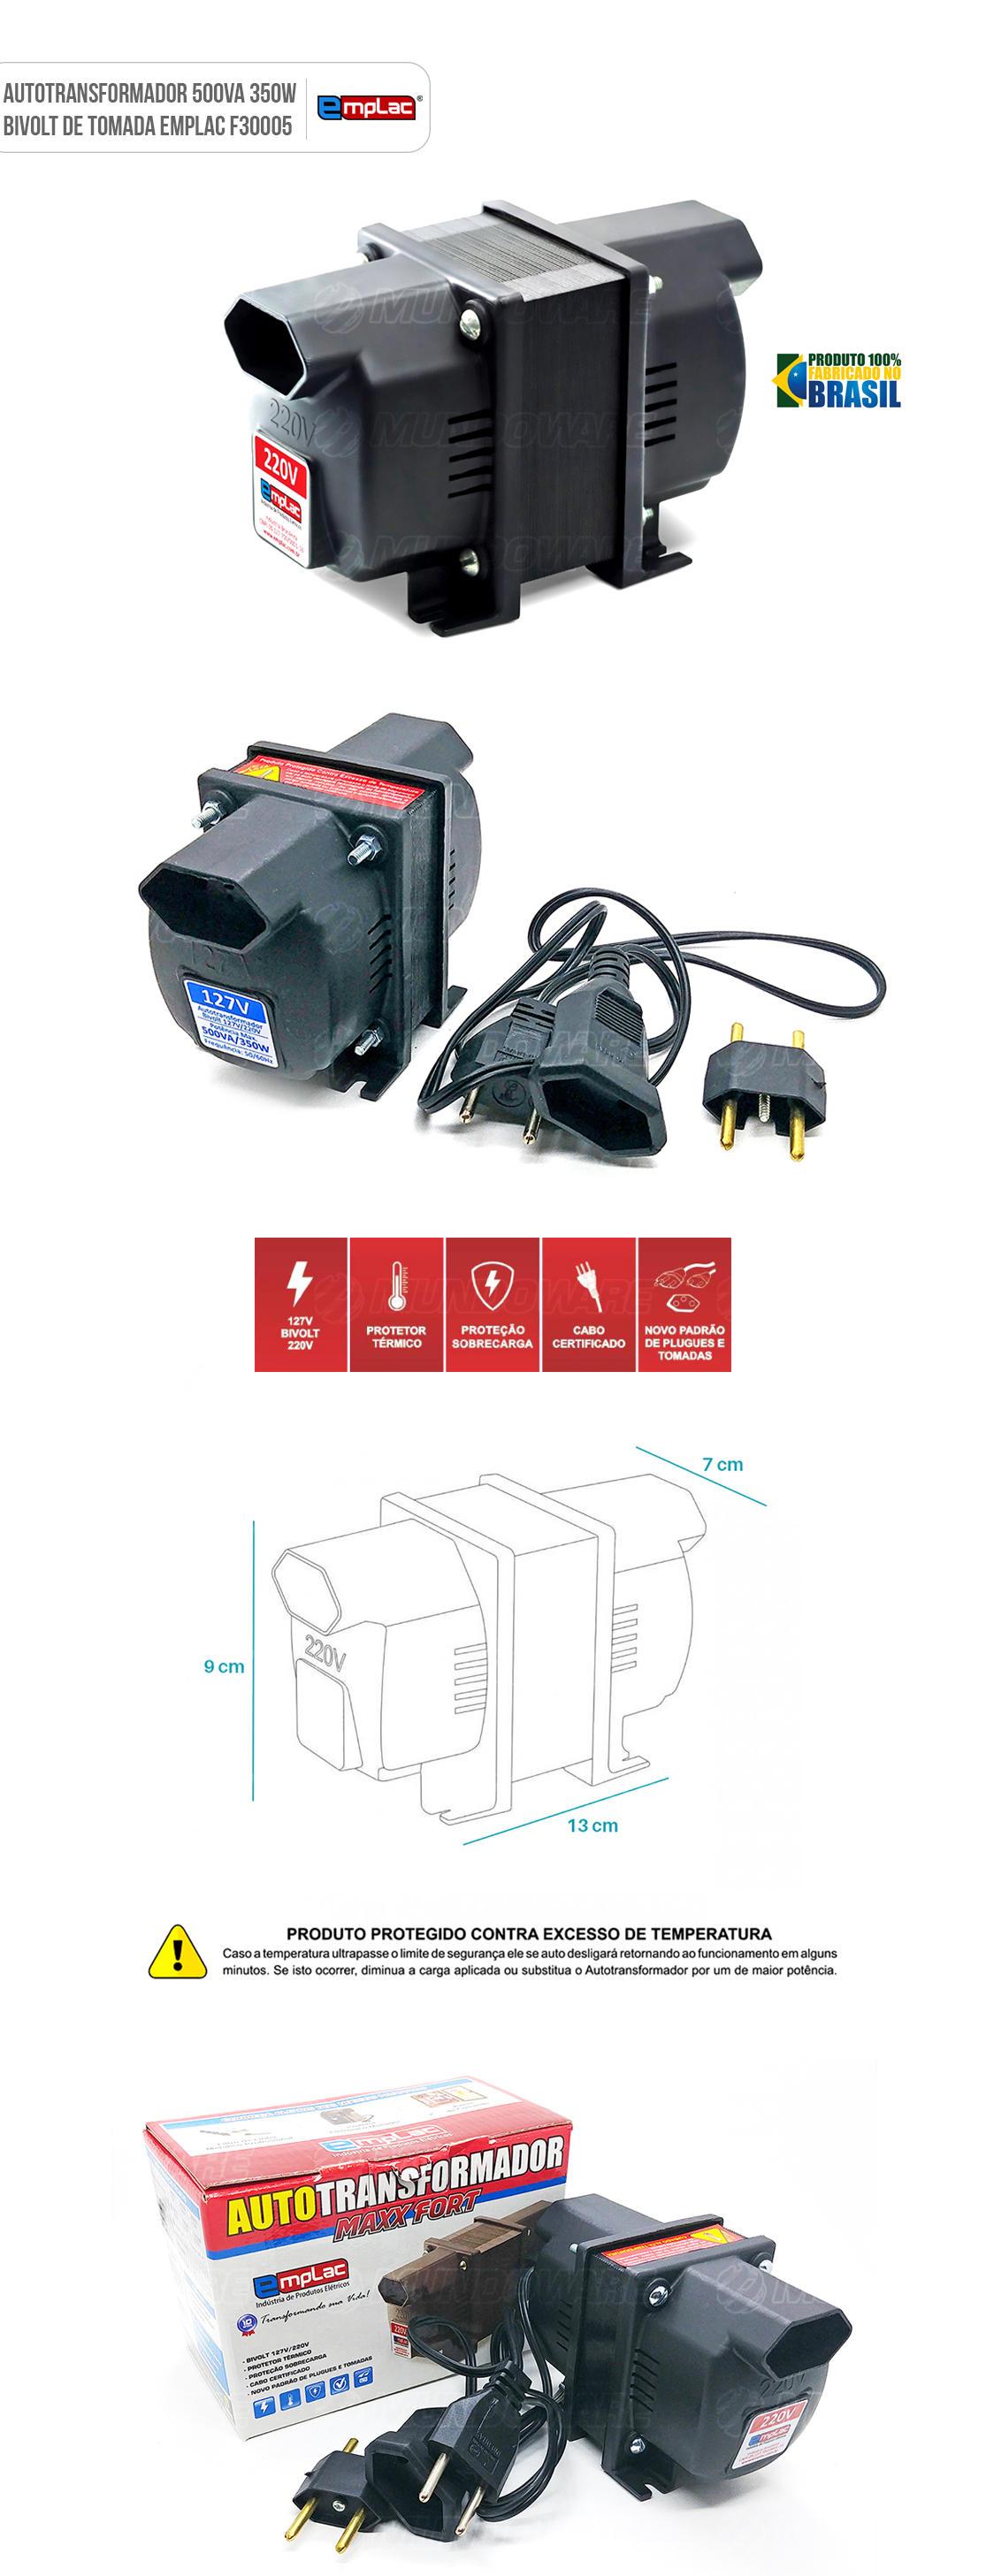 Auto transformador de tomada 500VA 350W Bivolt com Protetor Térmico e Proteção contra sobrecarga